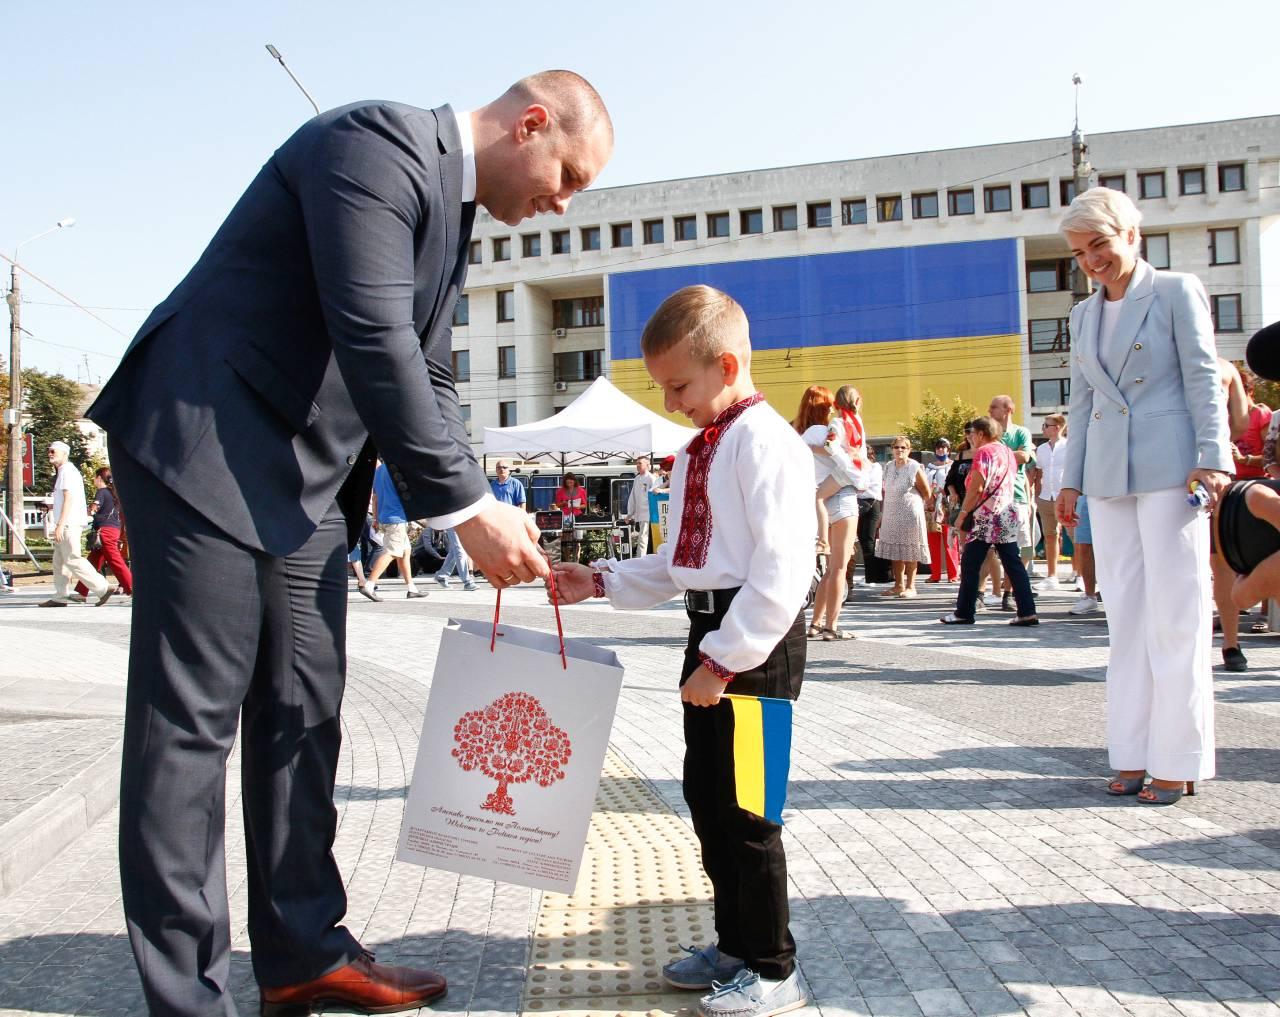 Син Андрія Конопльова, військового з Пирятина, який загинув в зоні проведення АТО